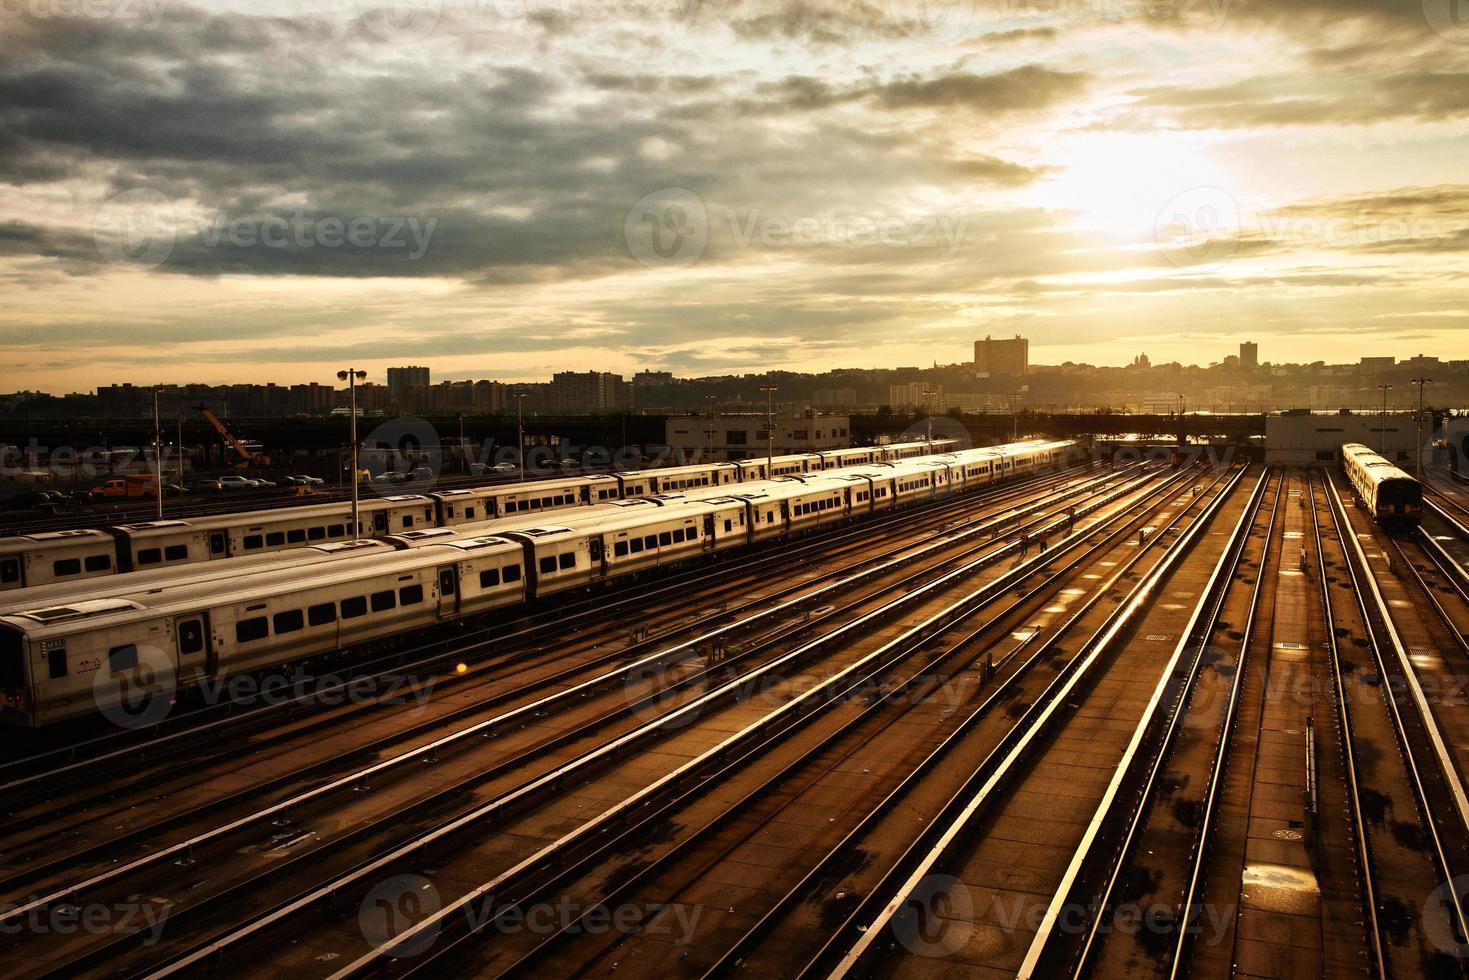 stazione ferroviaria con treno sotto il tramonto foto